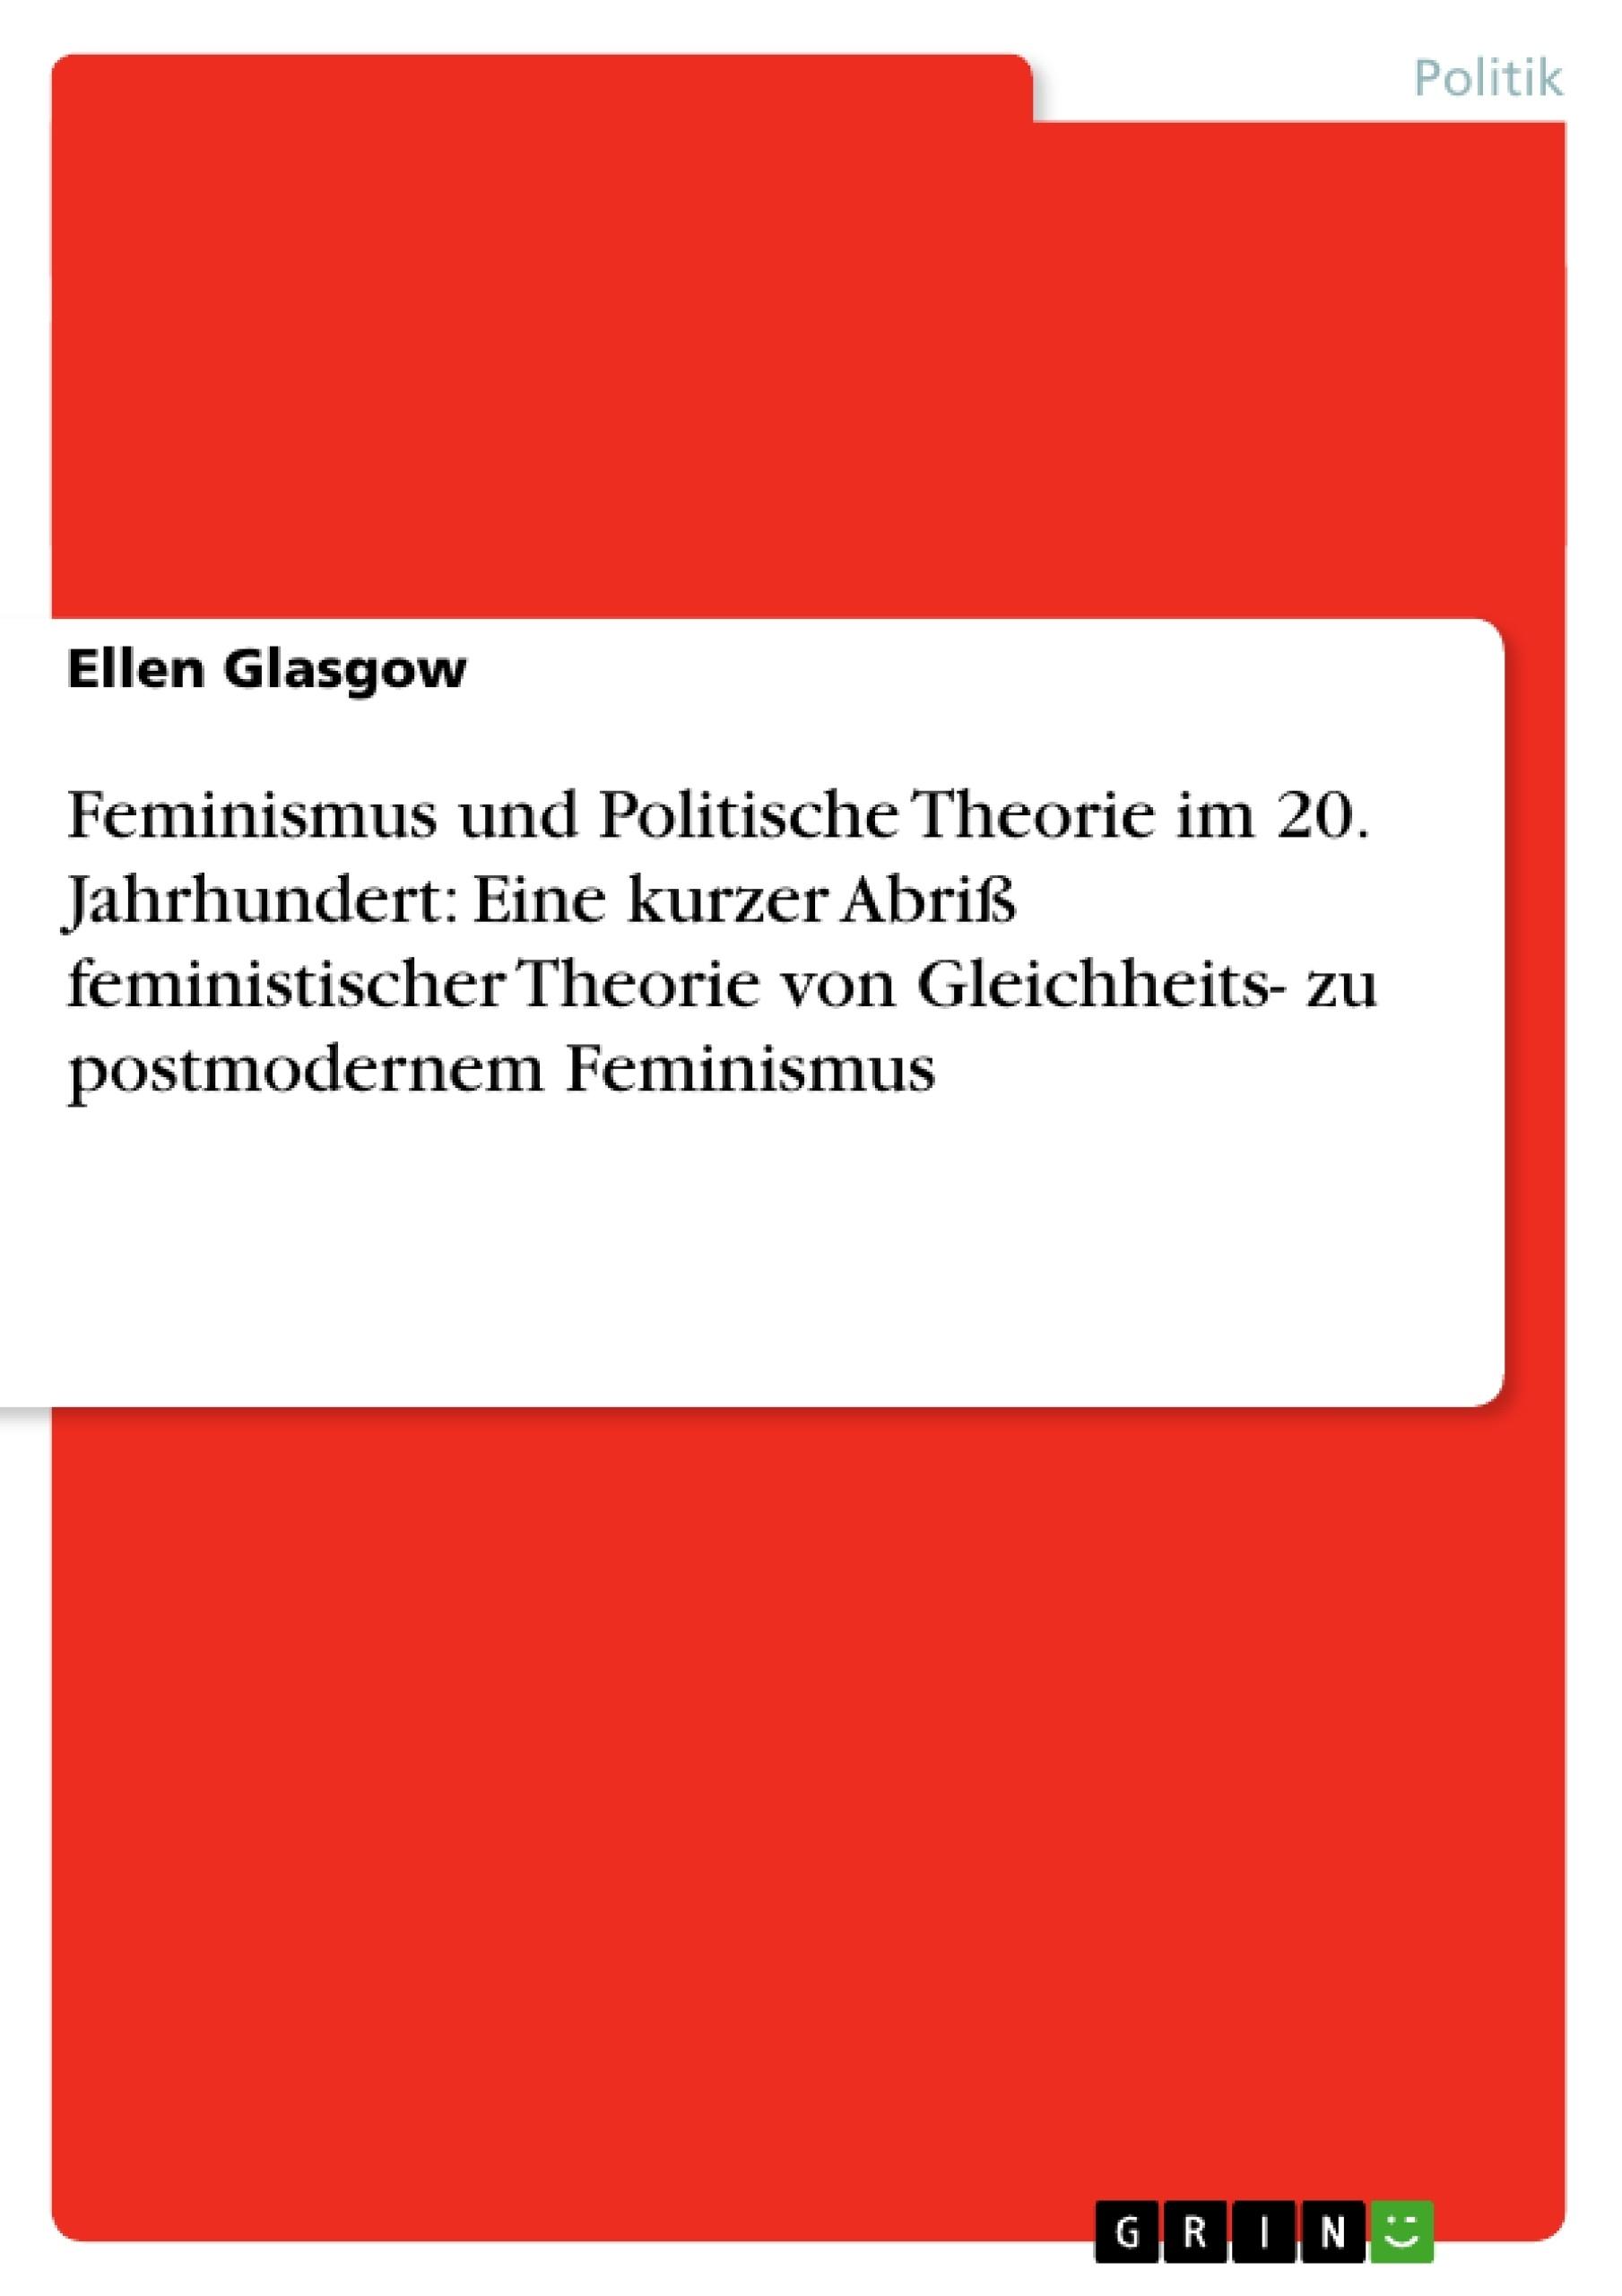 Titel: Feminismus und Politische Theorie im 20. Jahrhundert: Eine kurzer Abriß feministischer Theorie von Gleichheits- zu postmodernem Feminismus